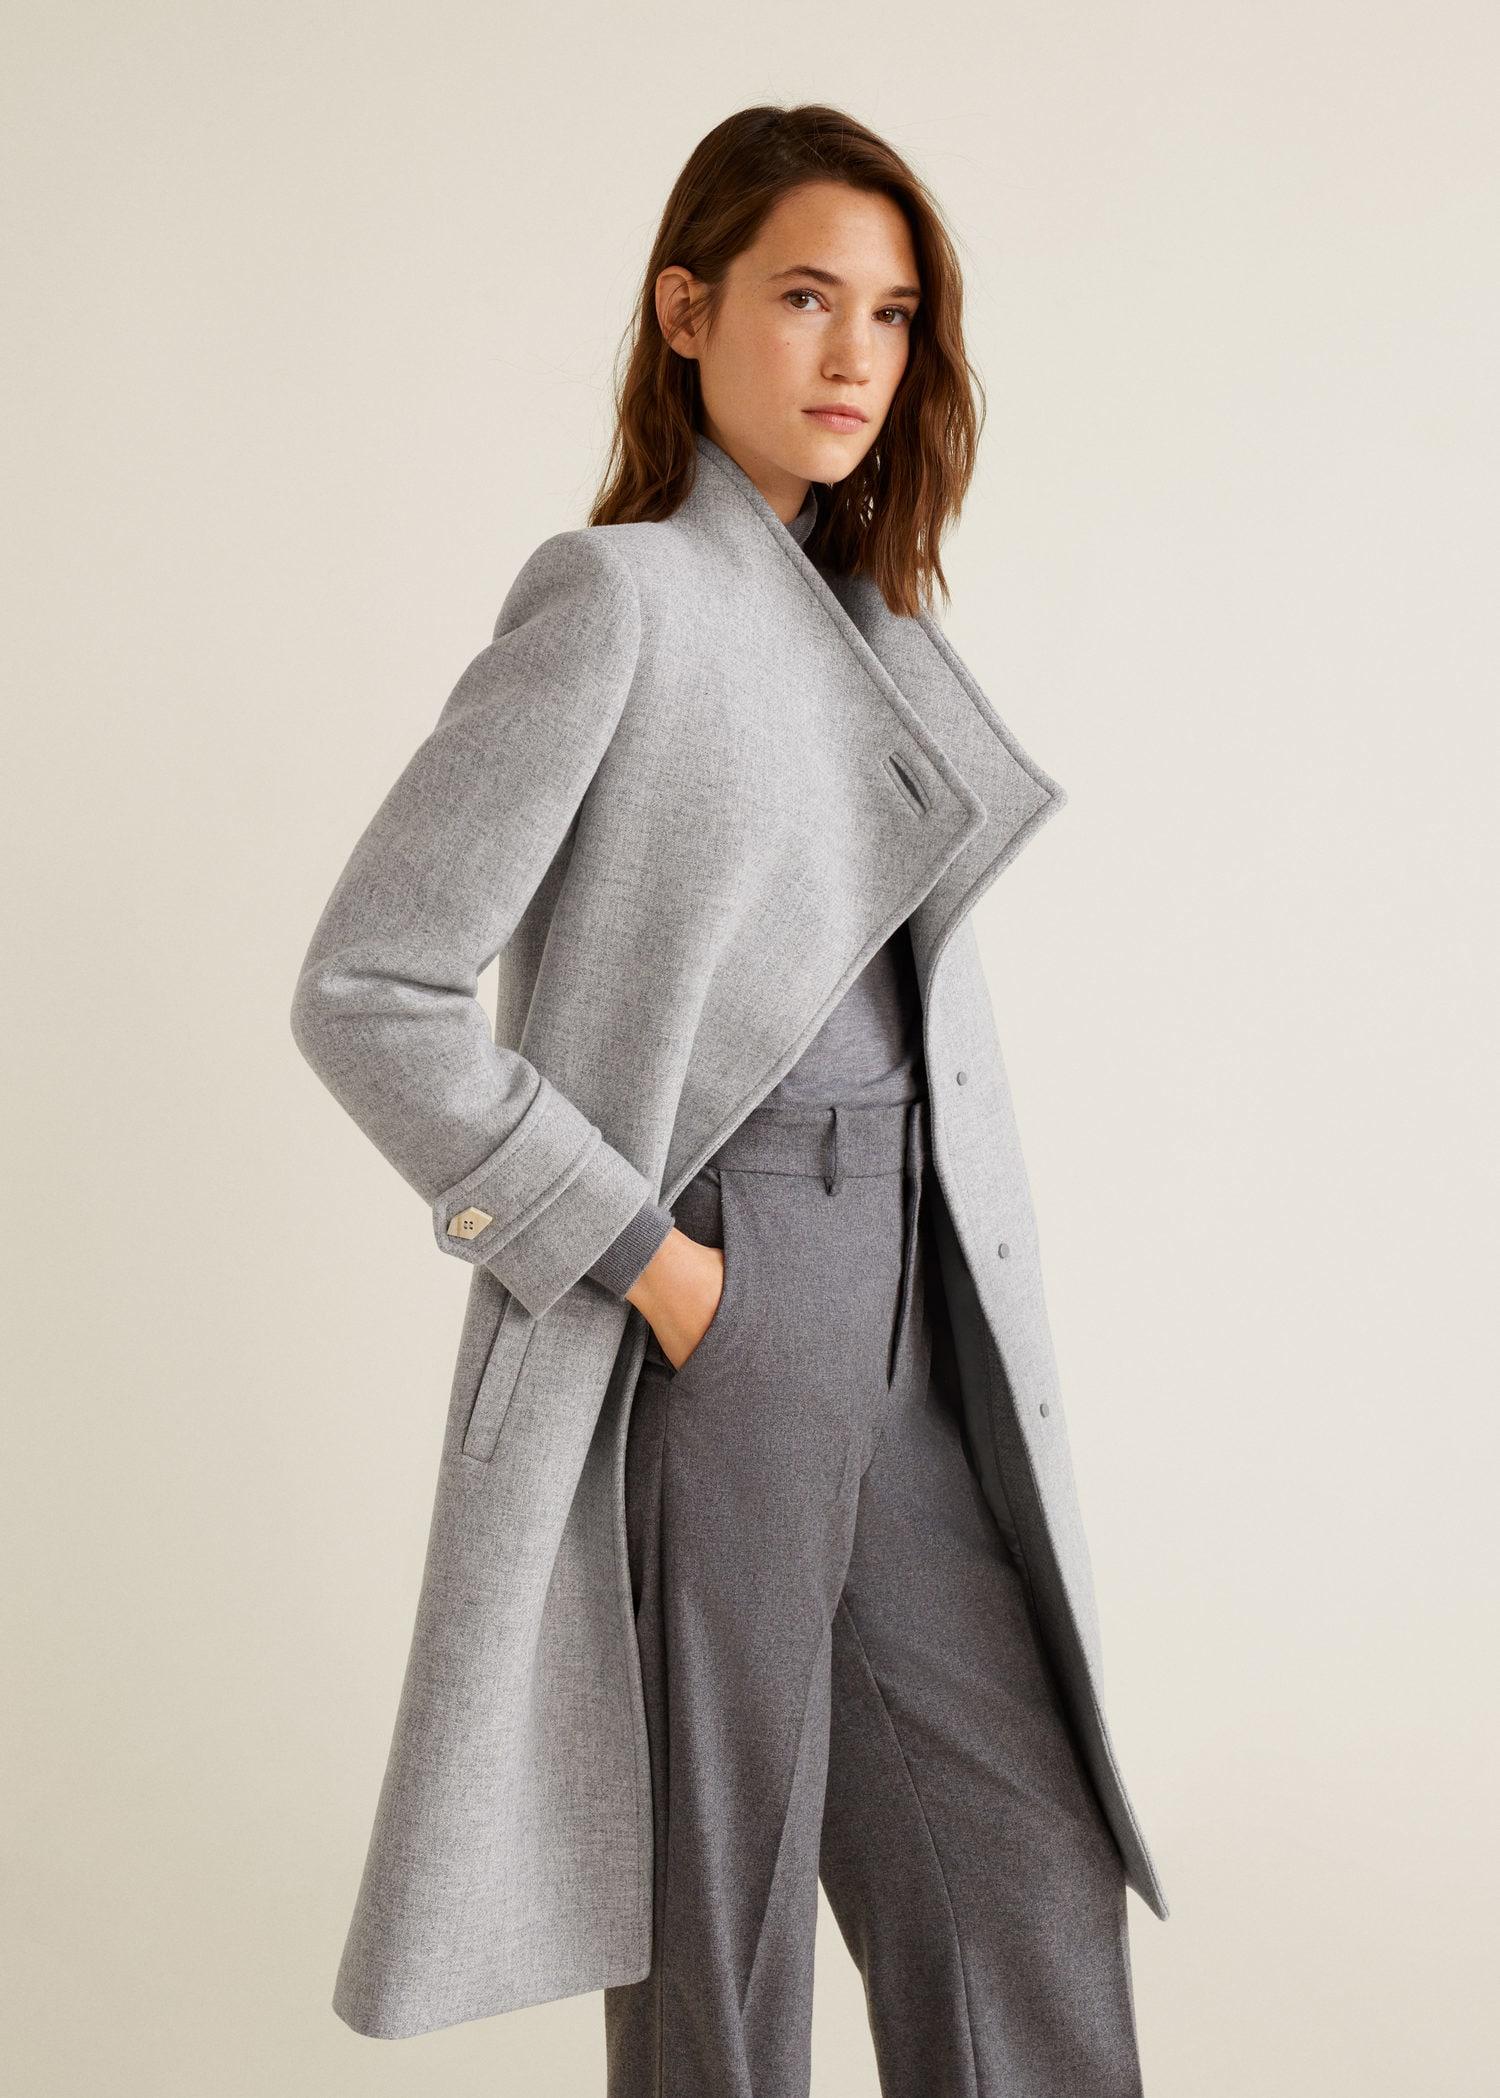 Manteaux femme laine capuche